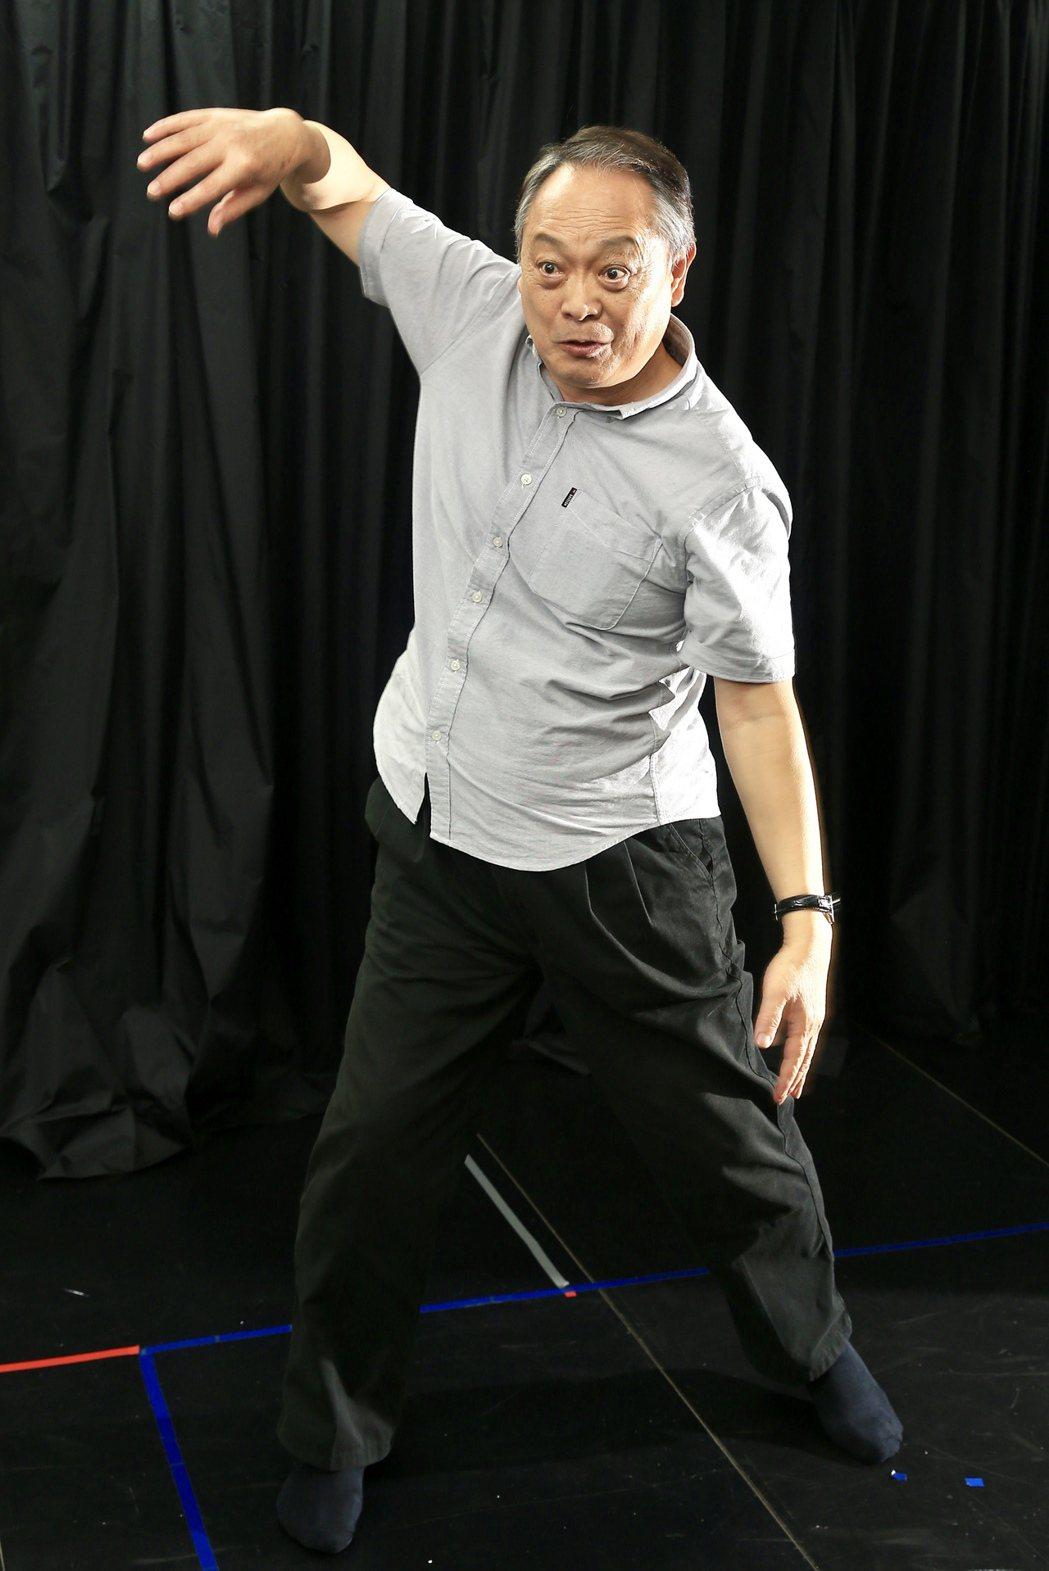 張復建一個「雲手」動作,配合呼吸,訓練手臂、肩、頸不再硬梆梆。記者林伯東/攝影